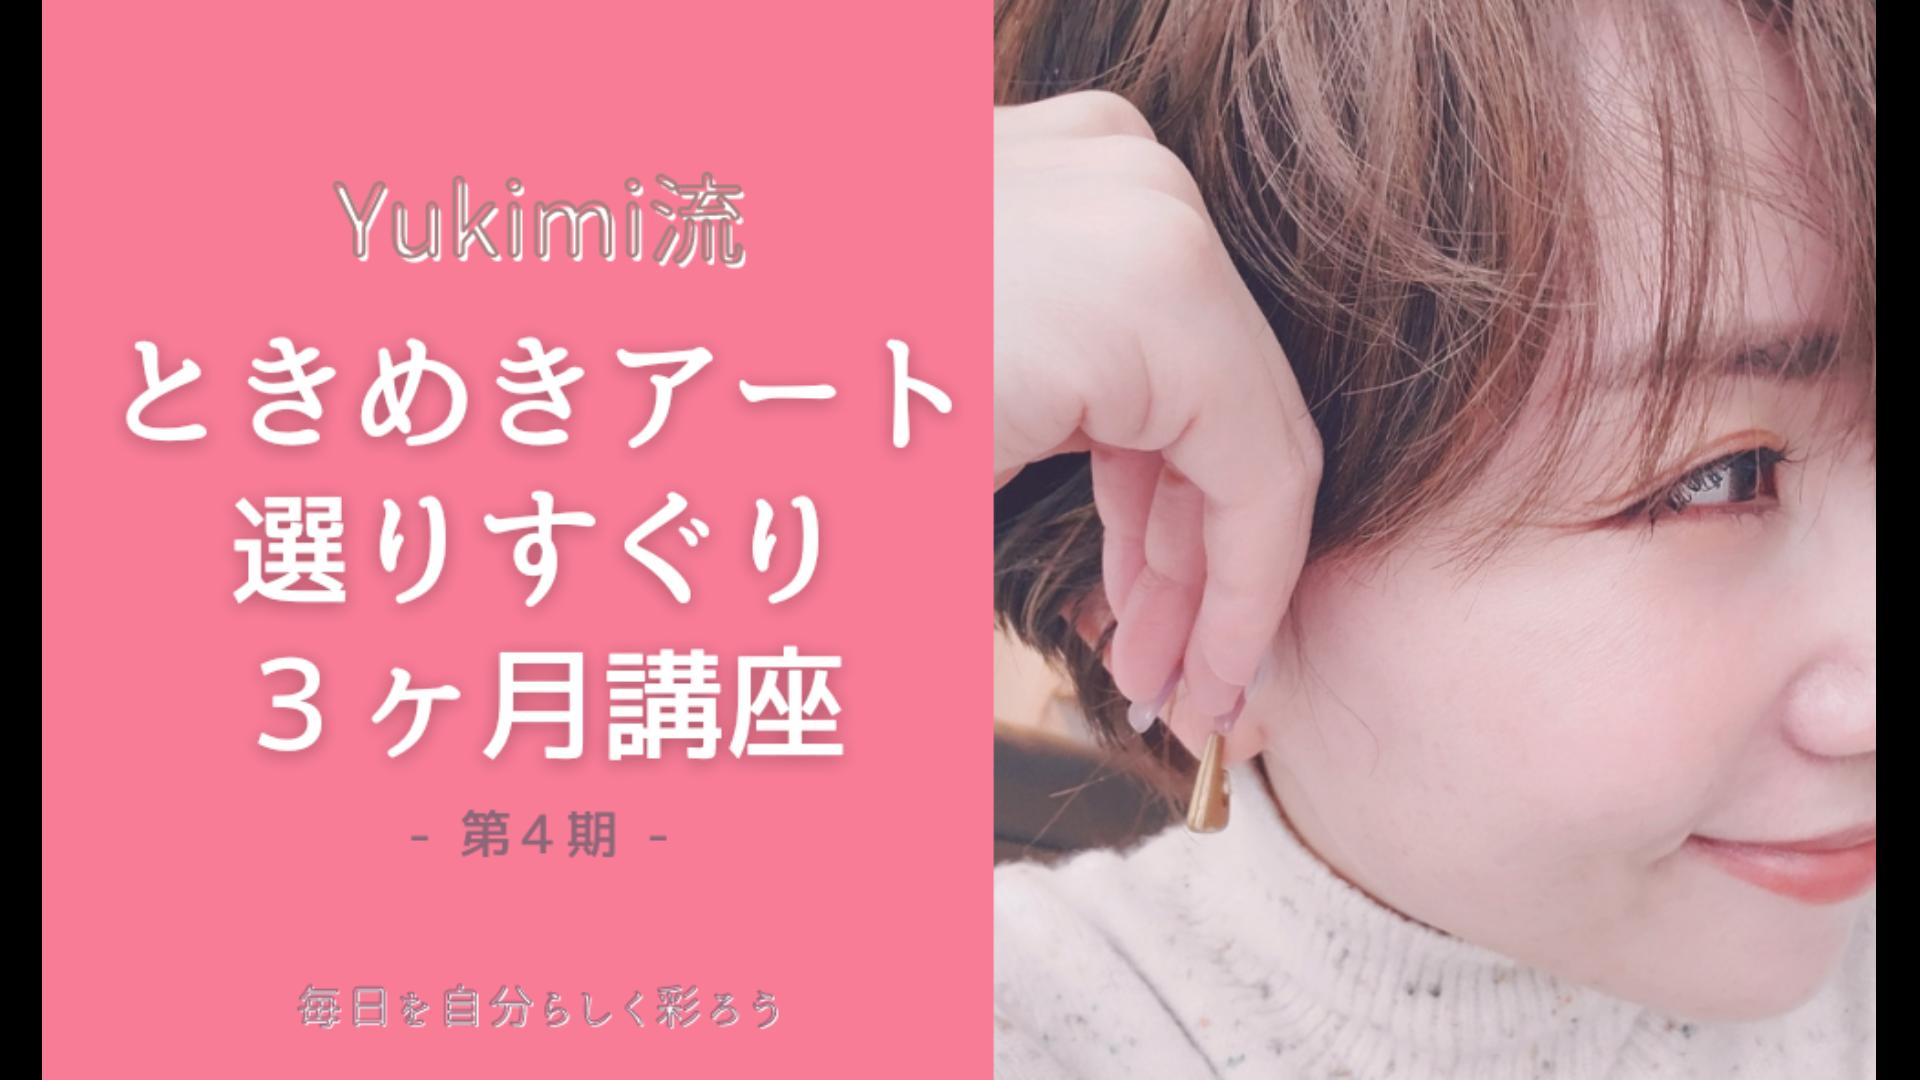 【第4期】 Yukimi流ときめきアート選りすぐり3ヶ月講座